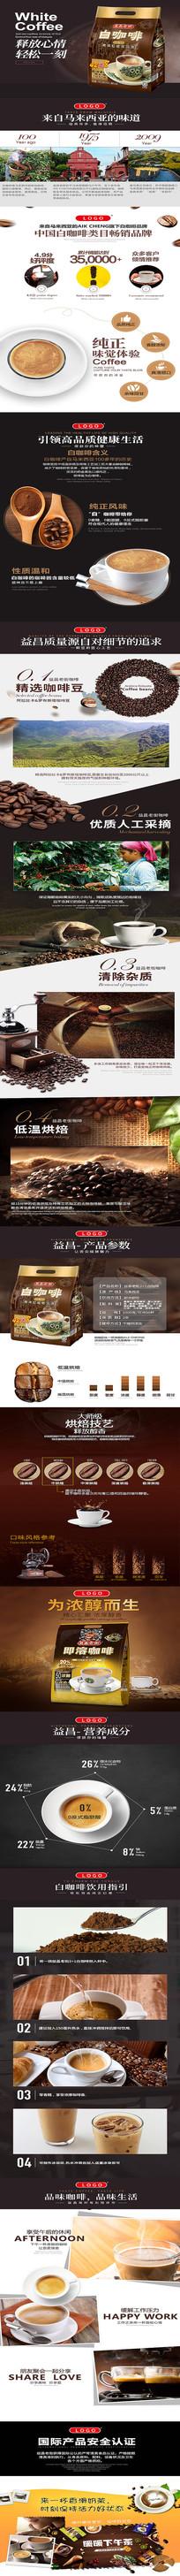 淘宝电商咖啡详情页